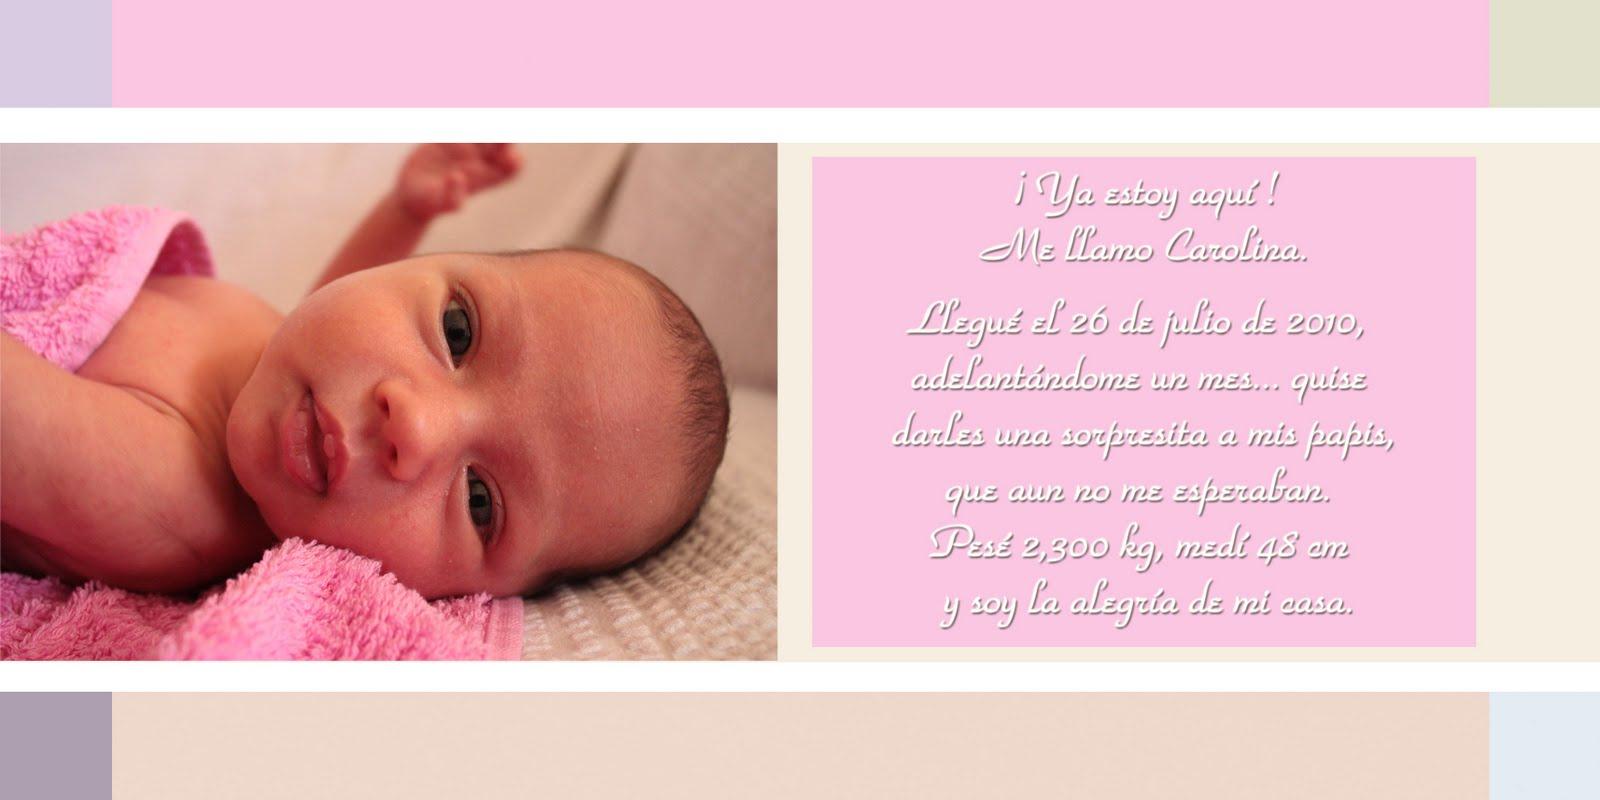 Frases Por El Nacimiento De Un Beb Mensajes Por El Nacimiento De Un